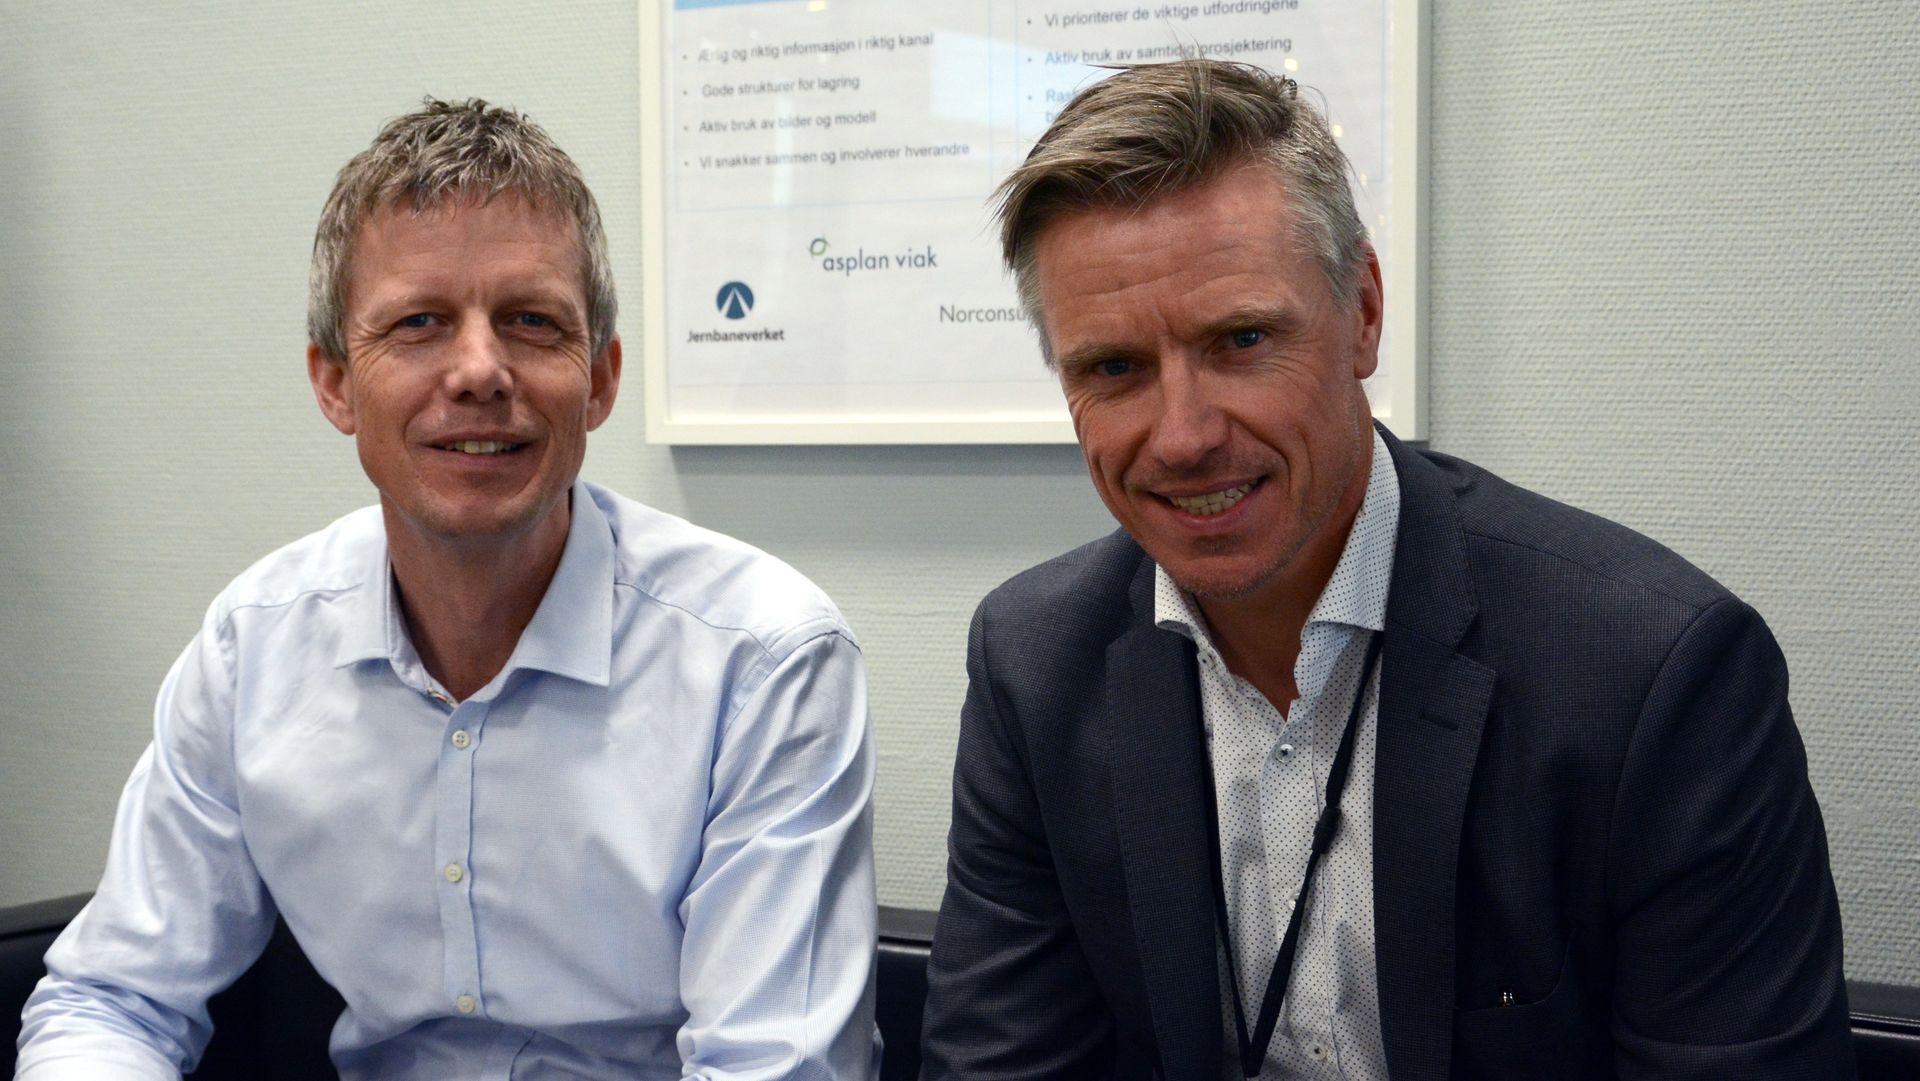 Lars-Petter Nesvåg, oppdragsleder for rådgiverteamet NAA, og prosjektdirektør Morten Klokkersveen (t.h.) i Bane NOR er godt fornøyd med samarbeidet på prosjektkontoret.